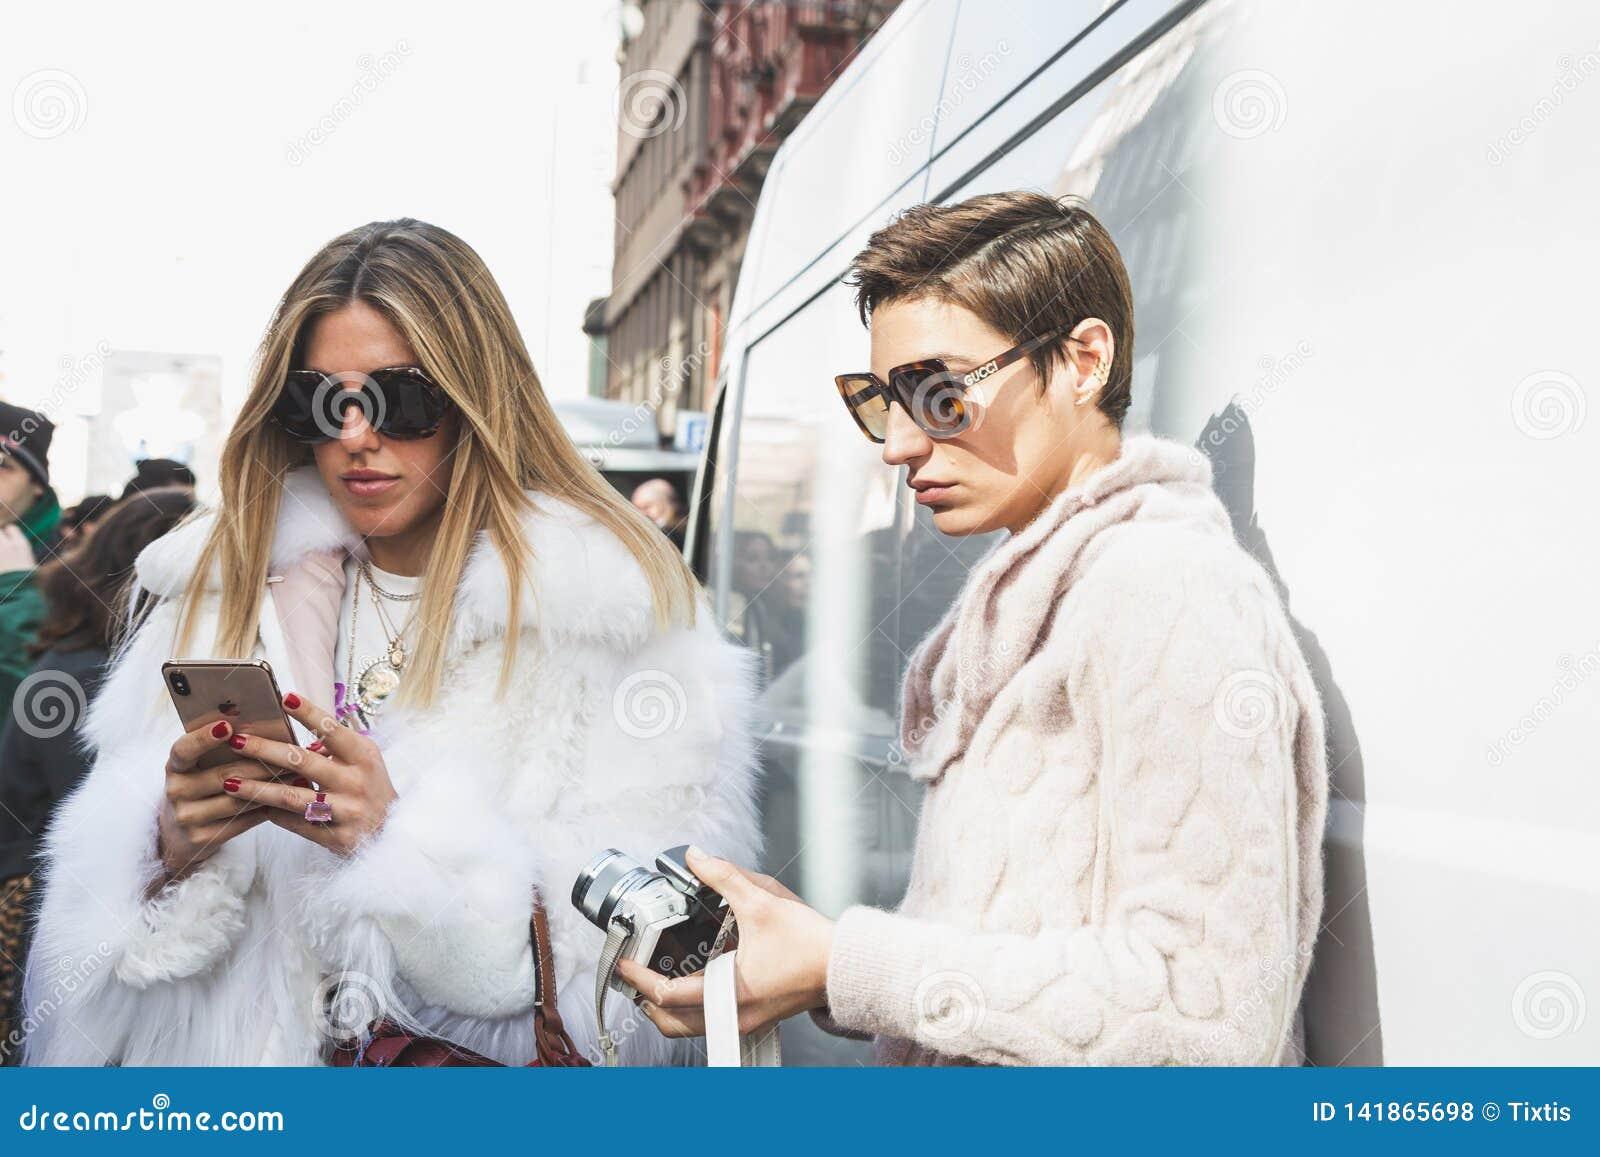 Fashionable people posing during Milan Women`s Fashion Week